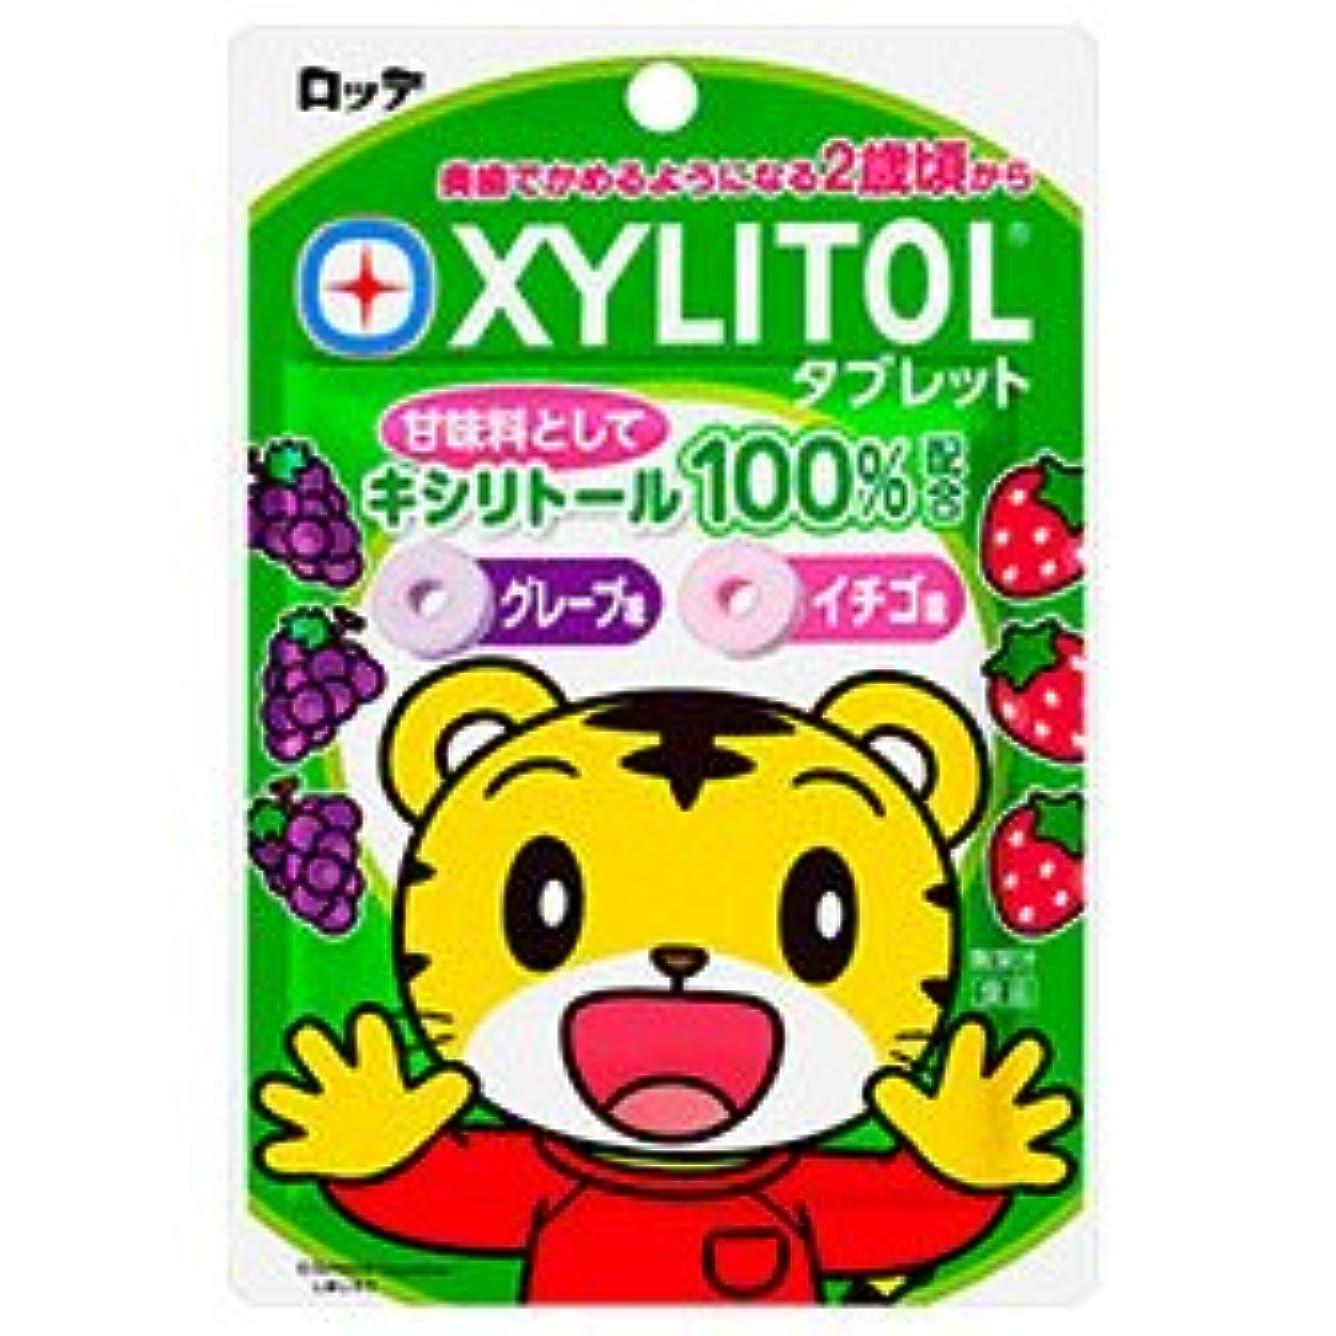 環境消去伝染性のロッテ キシリトールタブレット 30g×10袋入×(2ケース)